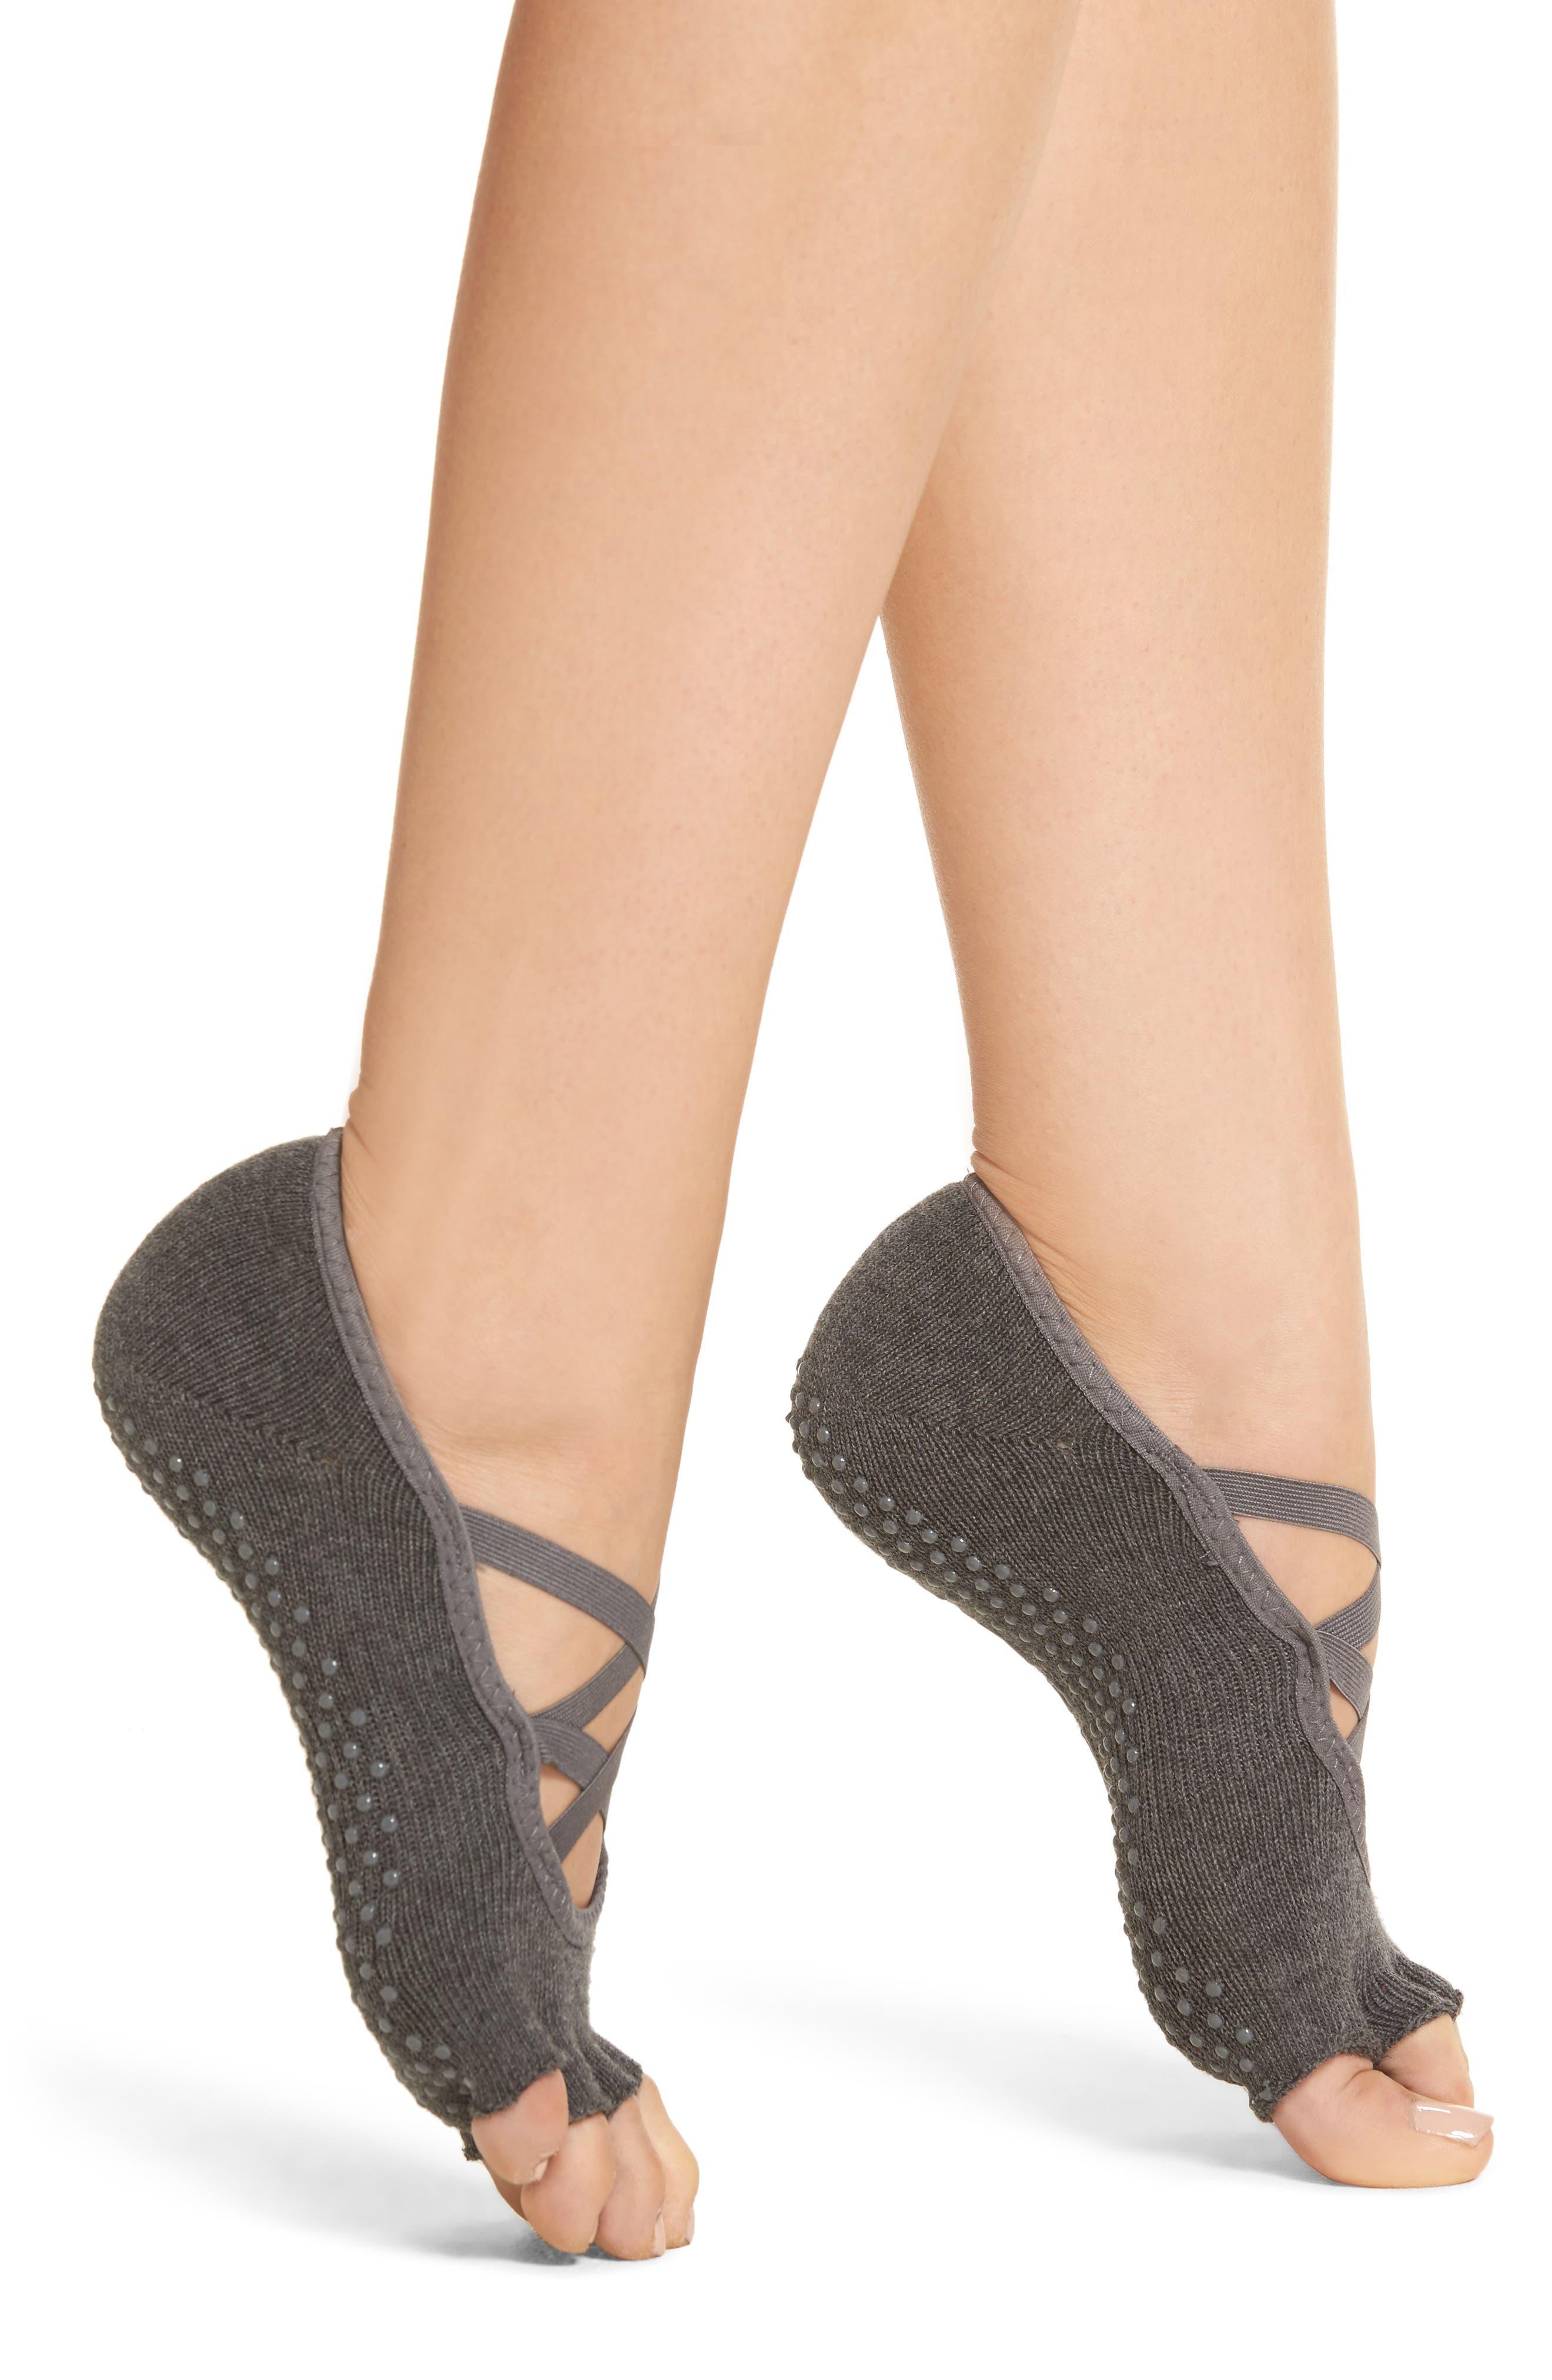 TOESOX Elle Half Toe Gripper Socks in Charcoal